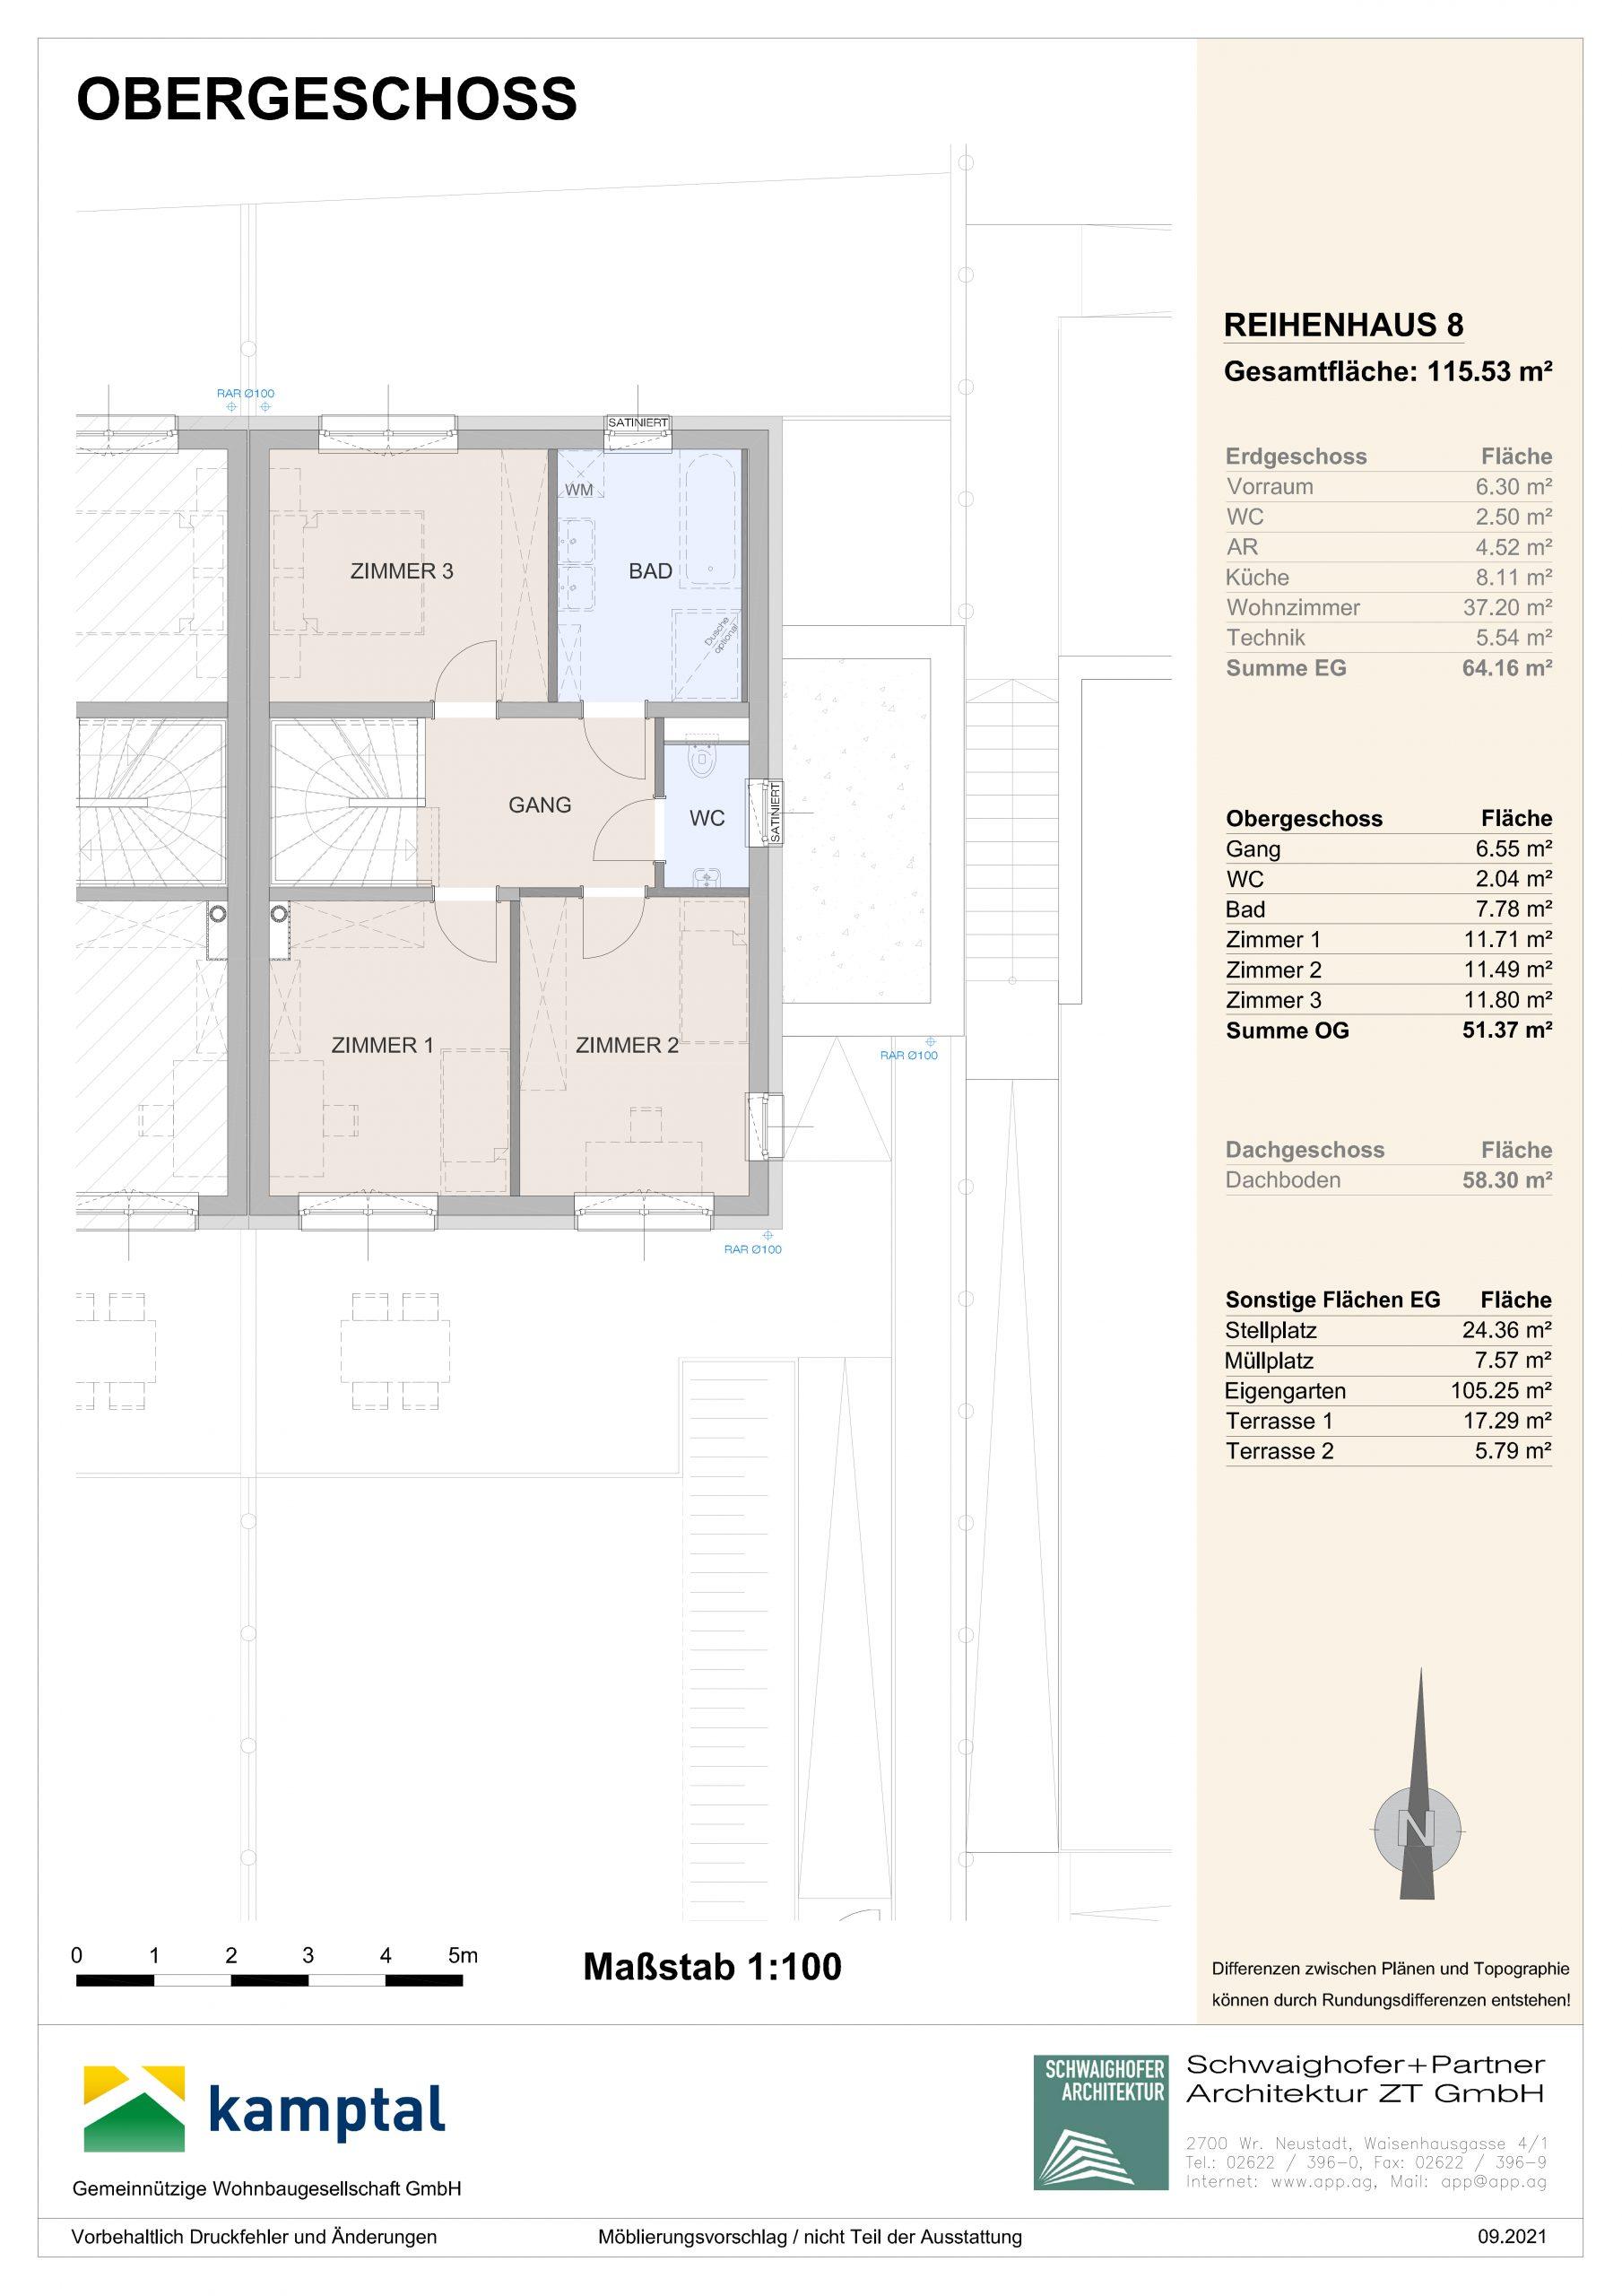 Immobilie von Kamptal in 3572 St. Leonhard am Hornerwald, Krems(Land), St. Leonhard/Hw. III/2 - Top 8 #2